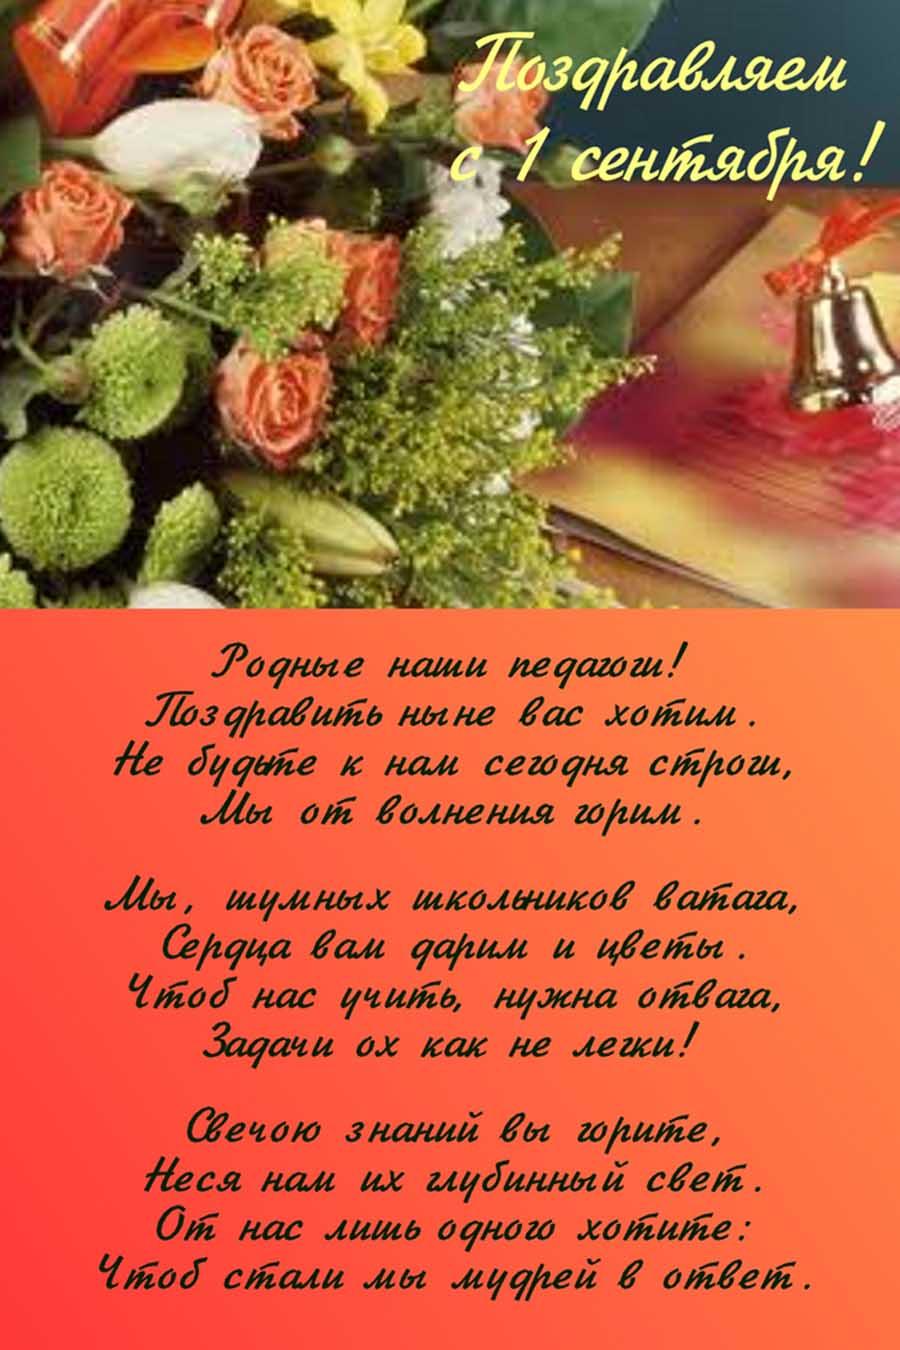 Поздравления к 25 сентября